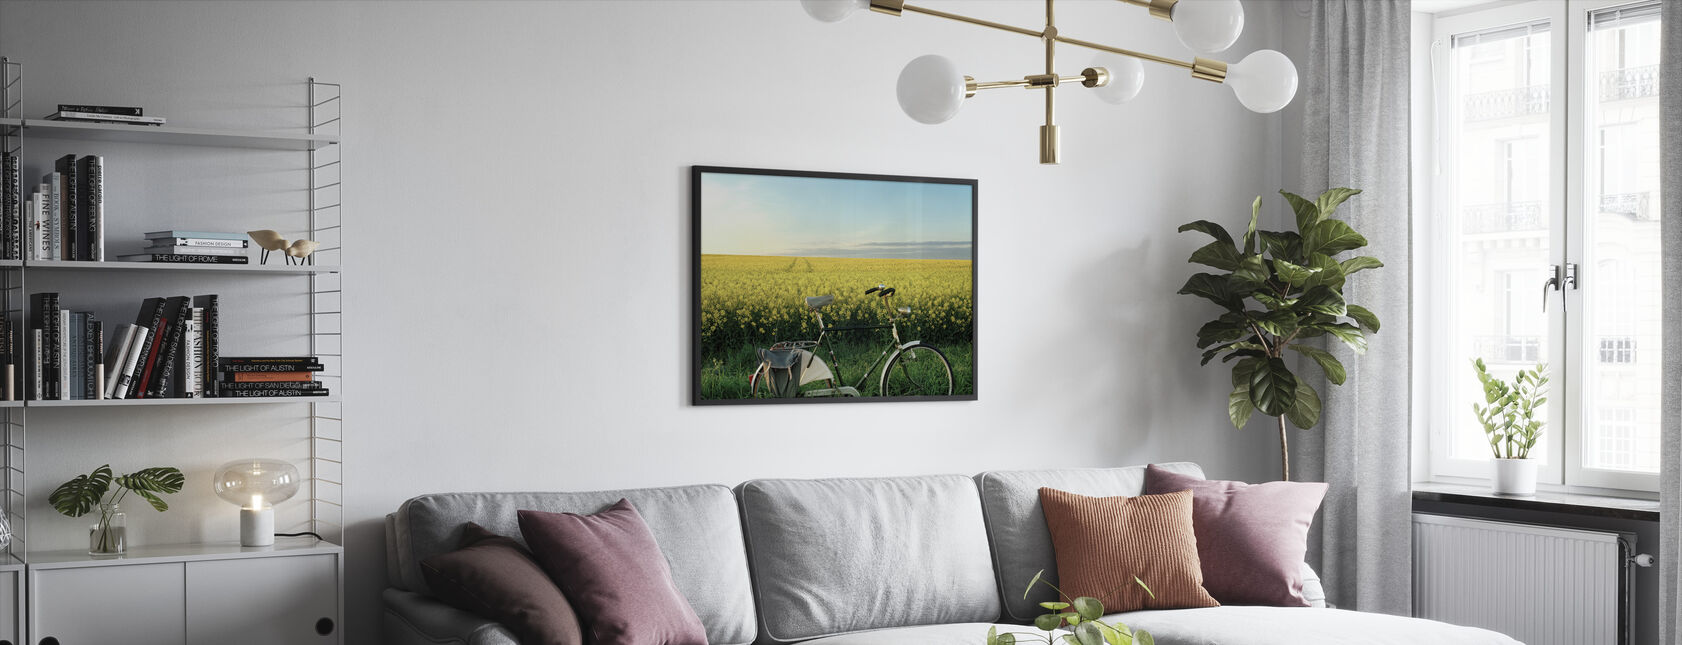 The End of the Lane - Framed print - Living Room